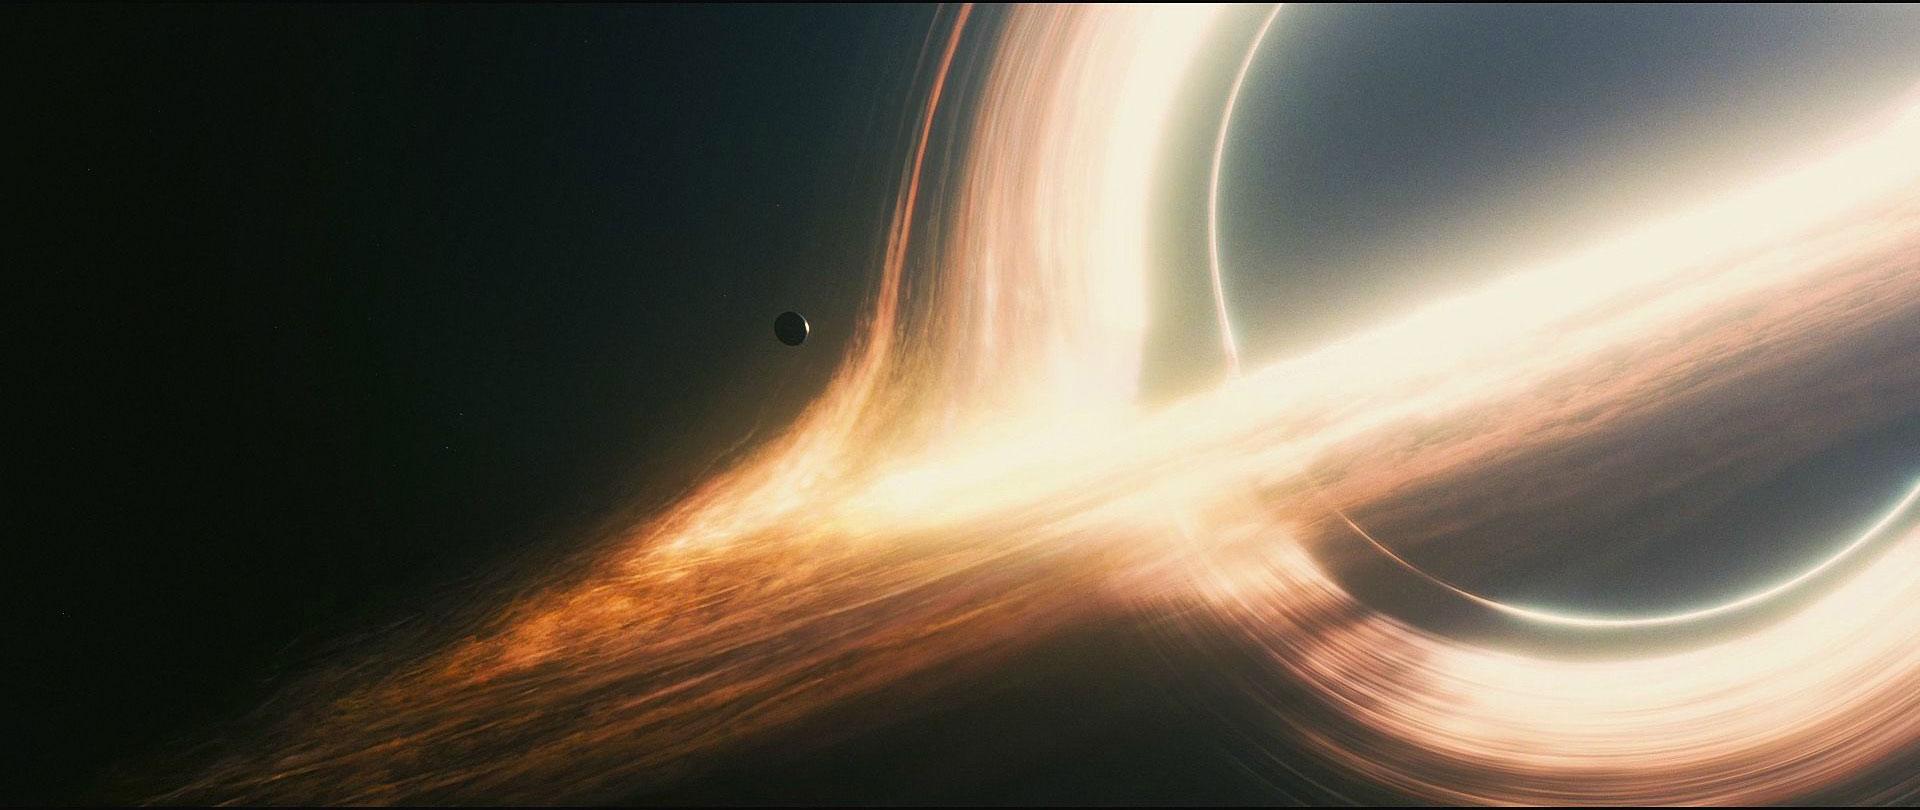 Co się stanie, jak zderzymy ze sobą dwie czarne dziury? I dlaczego powinno nas to interesować?